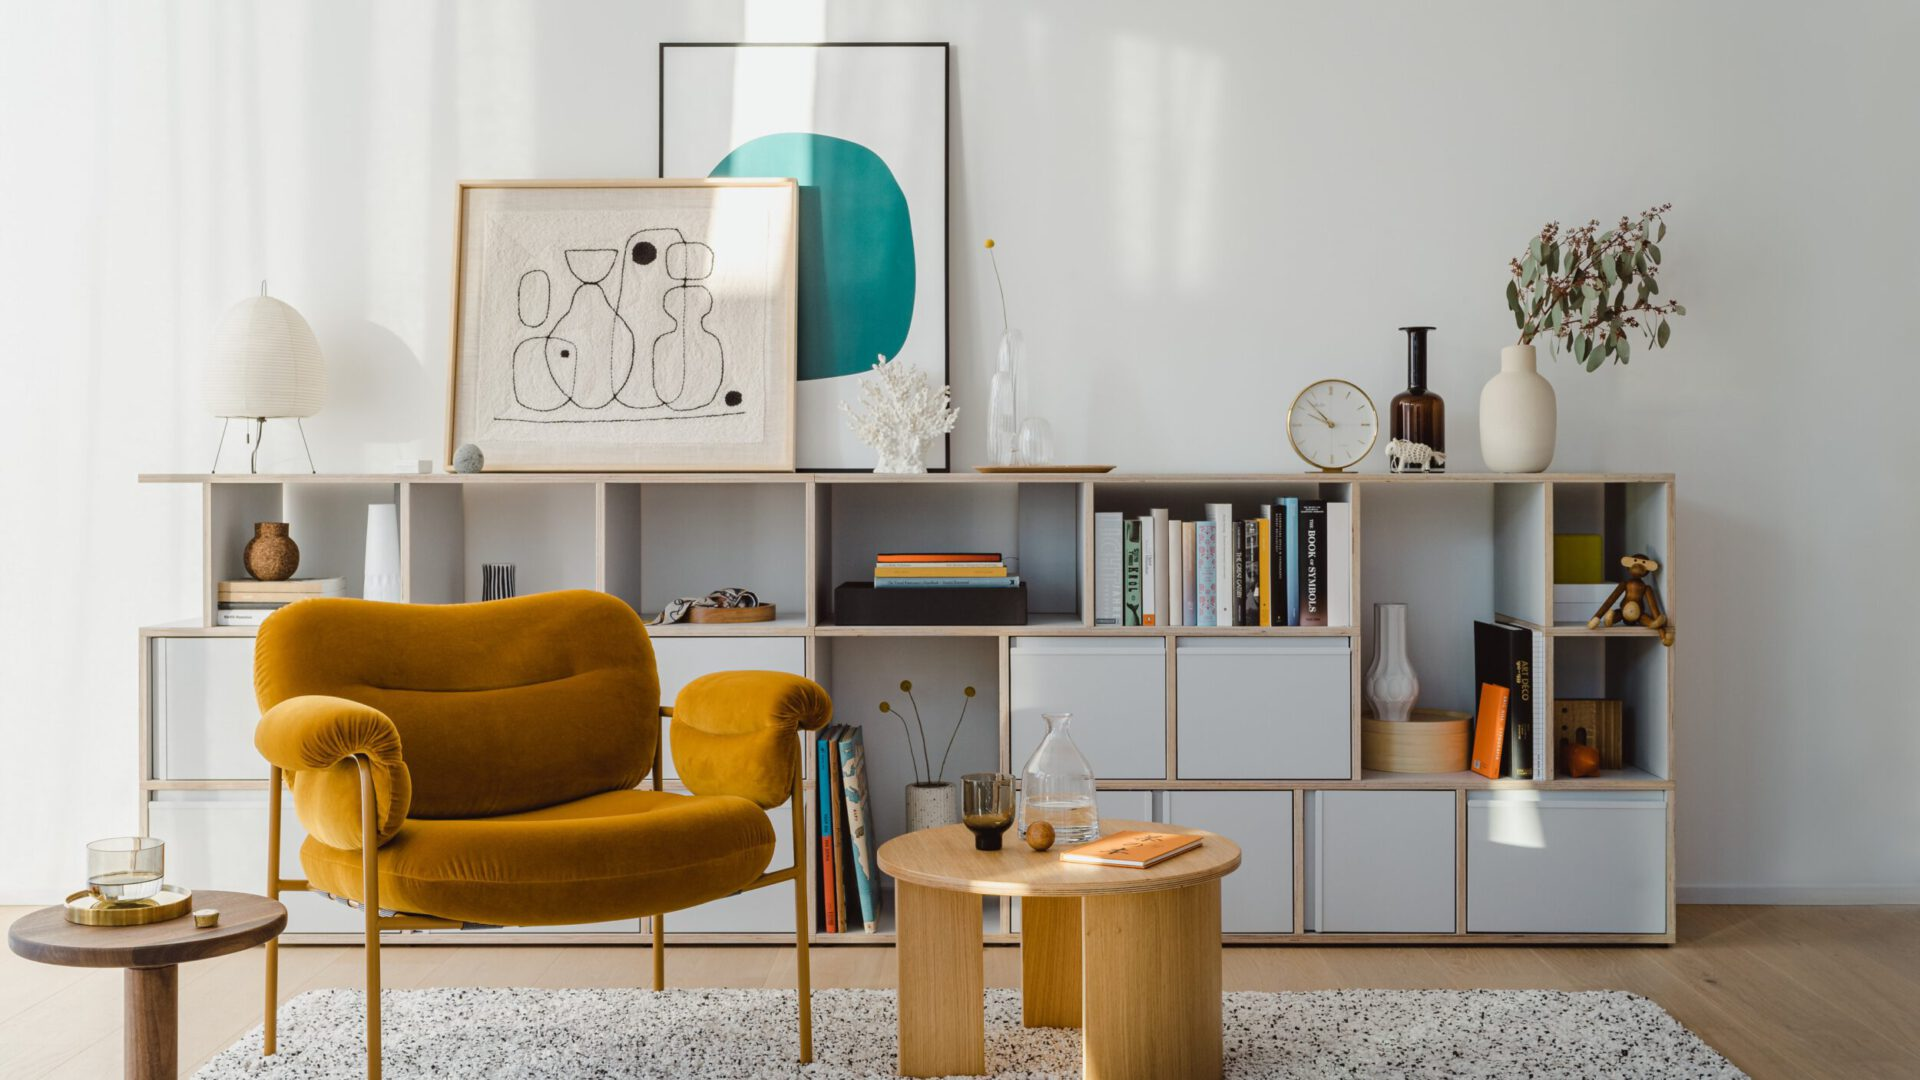 Wiosenna metamorfoza mieszkania – trendy, które warto znać